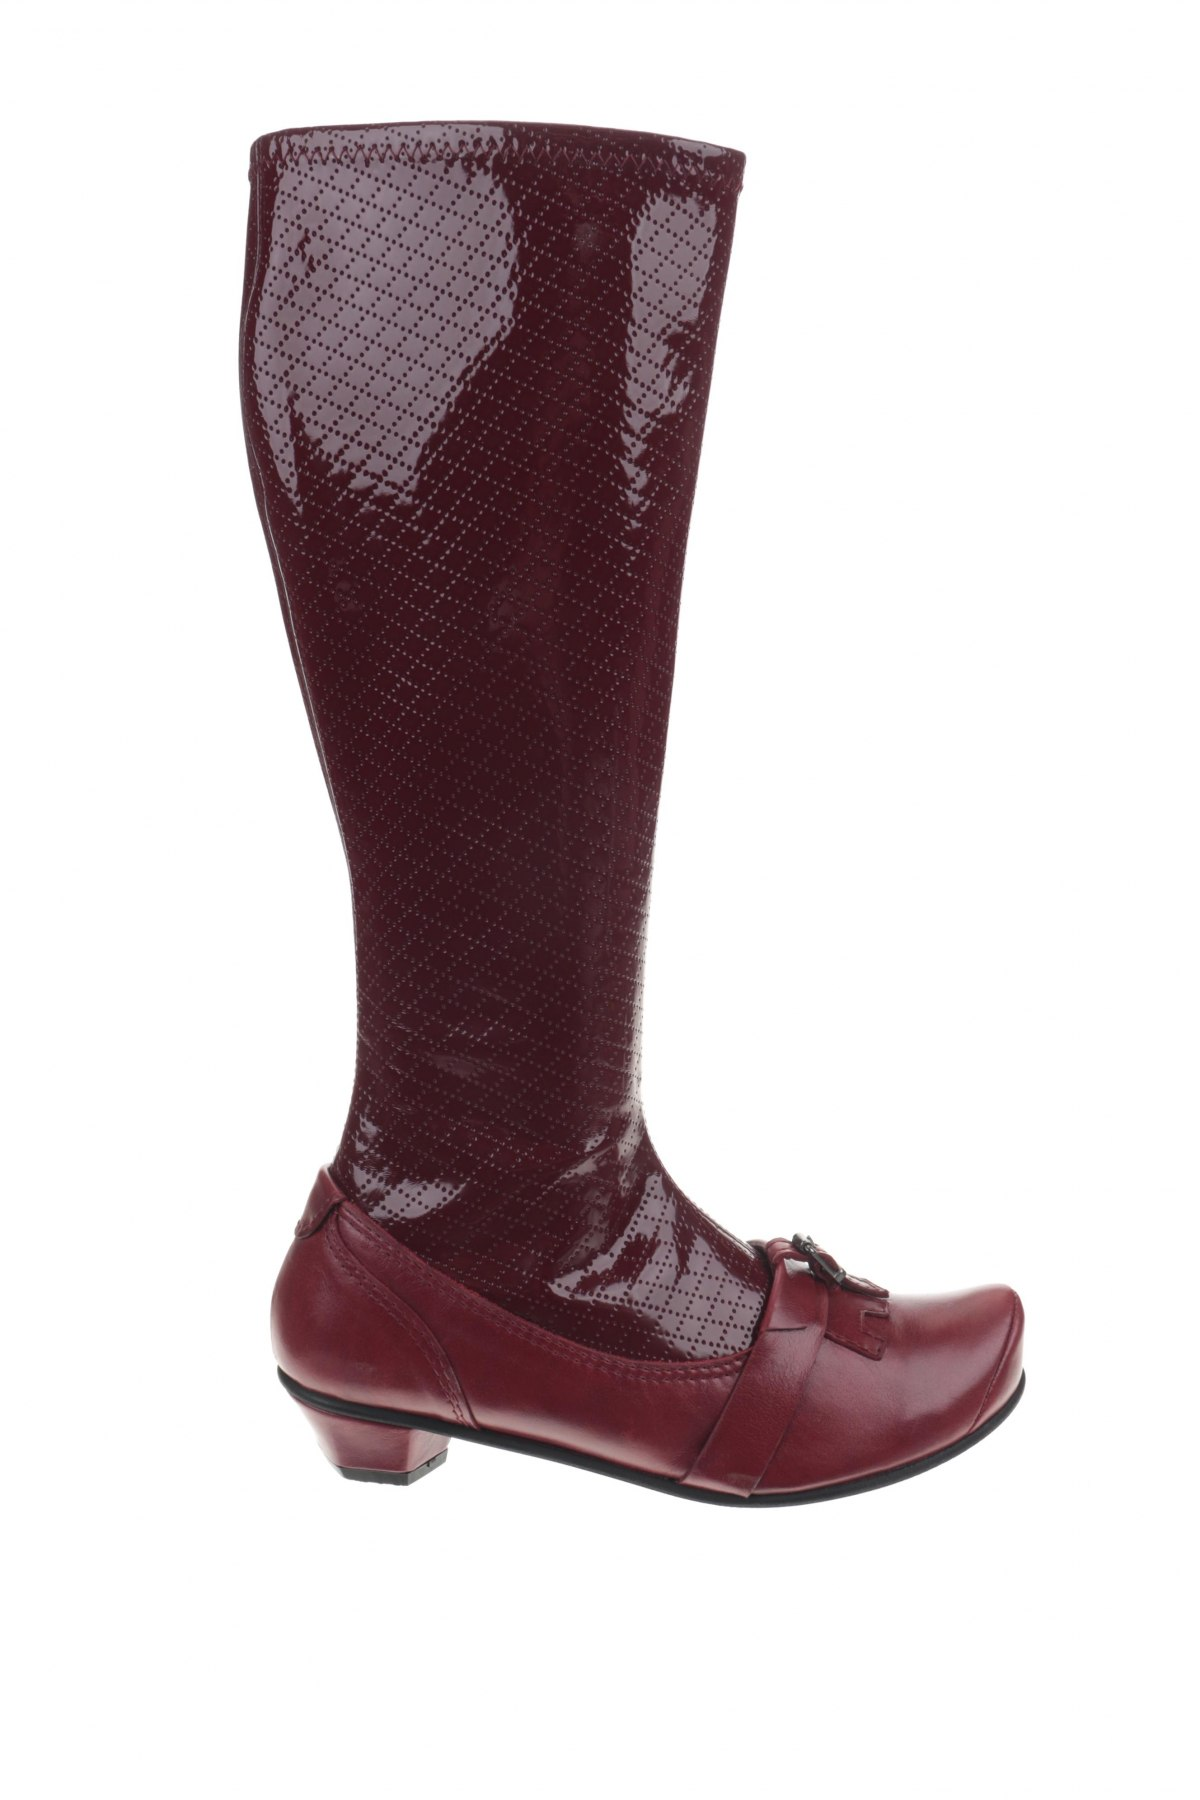 Γυναικείες μπότες Tiggers, Μέγεθος 39, Χρώμα Κόκκινο, Πολυουρεθάνης, γνήσιο δέρμα, Τιμή 84,67€